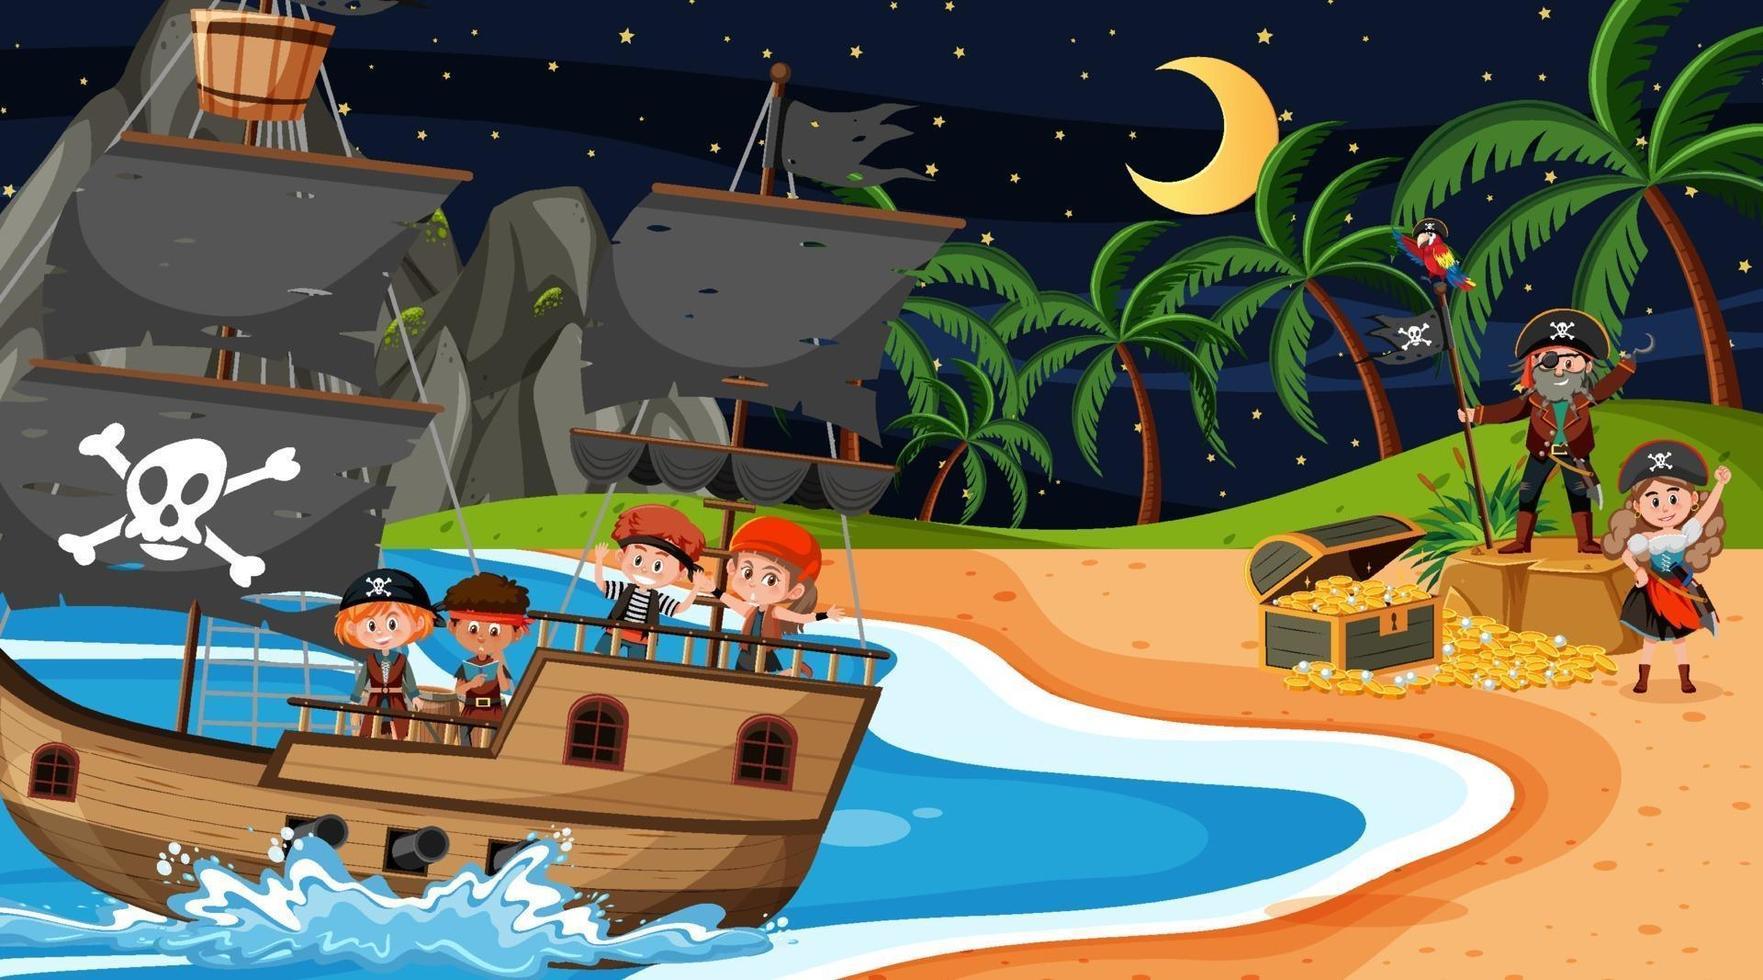 escena de la isla del tesoro en la noche con niños piratas en el barco vector